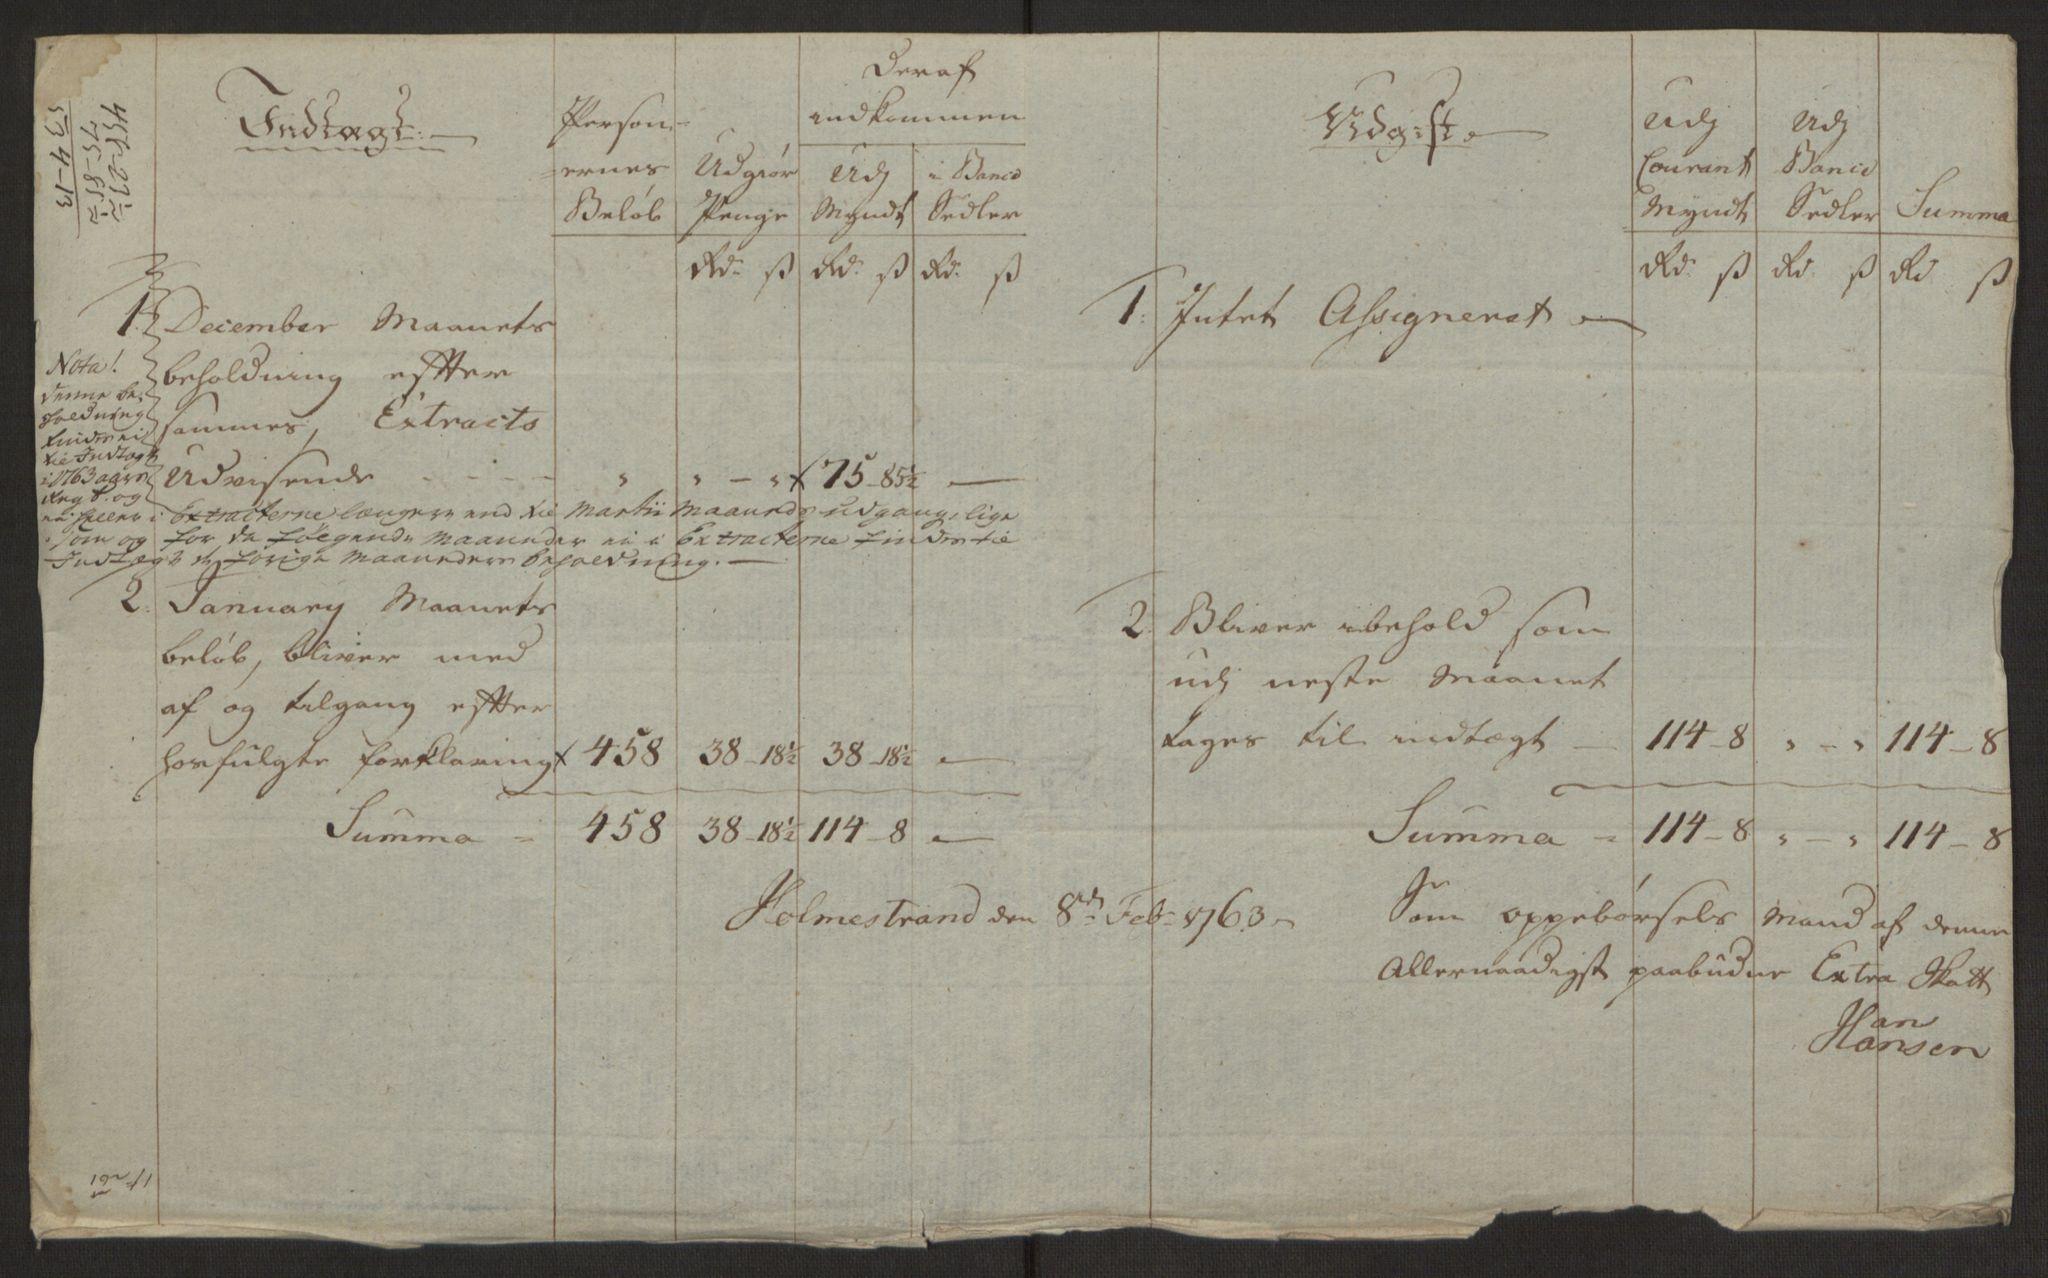 RA, Rentekammeret inntil 1814, Reviderte regnskaper, Byregnskaper, R/Rh/L0163: [H4] Kontribusjonsregnskap, 1762-1772, s. 39